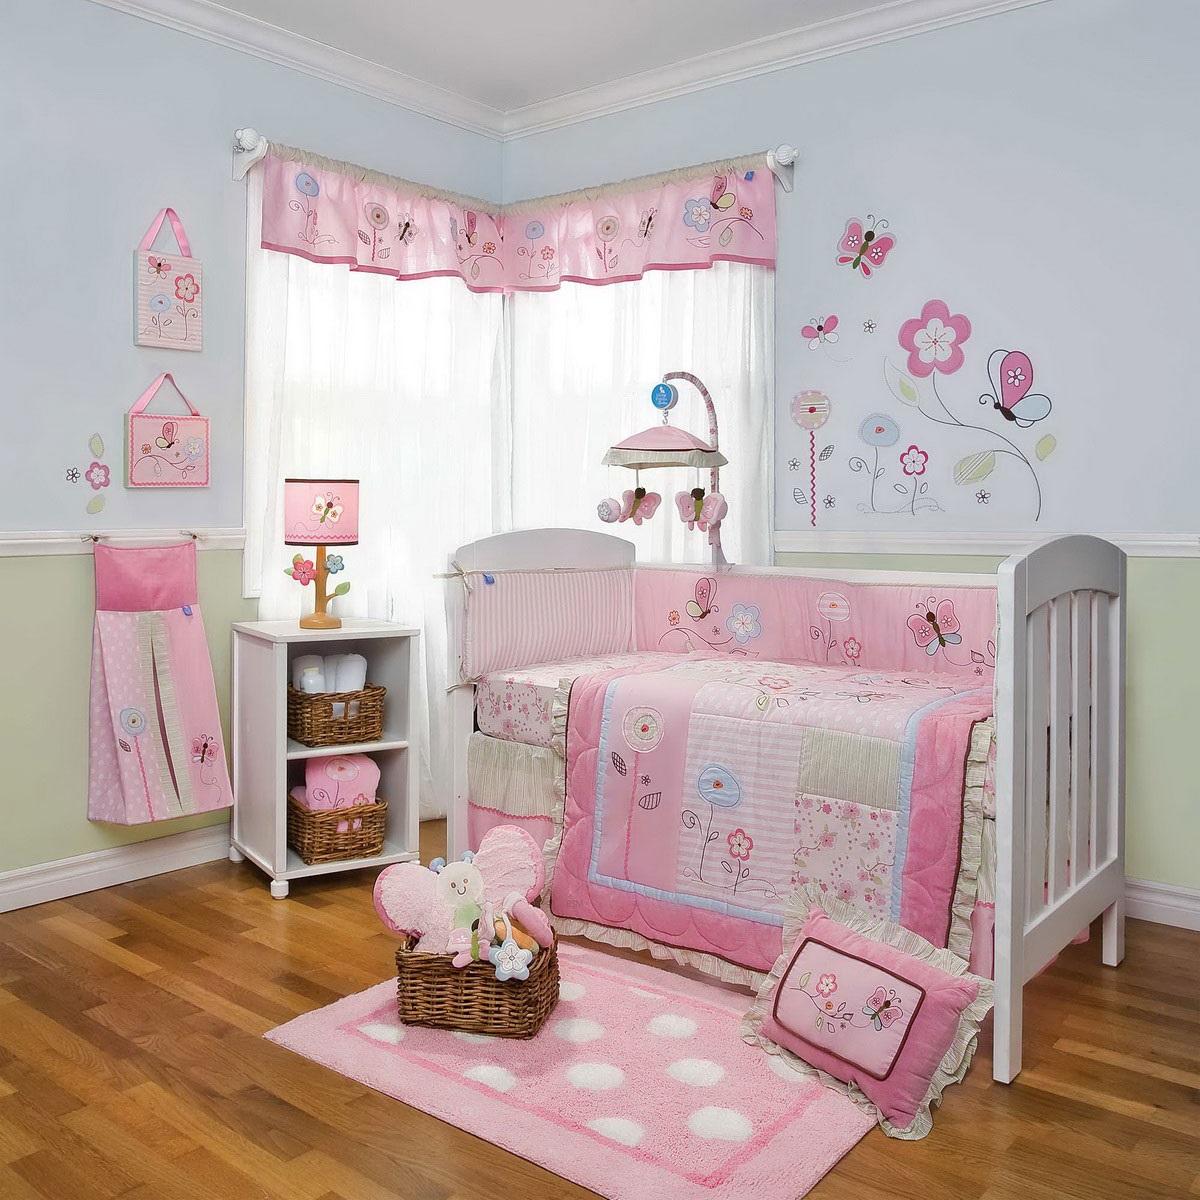 Мебель в комнате для новорожденной девочки